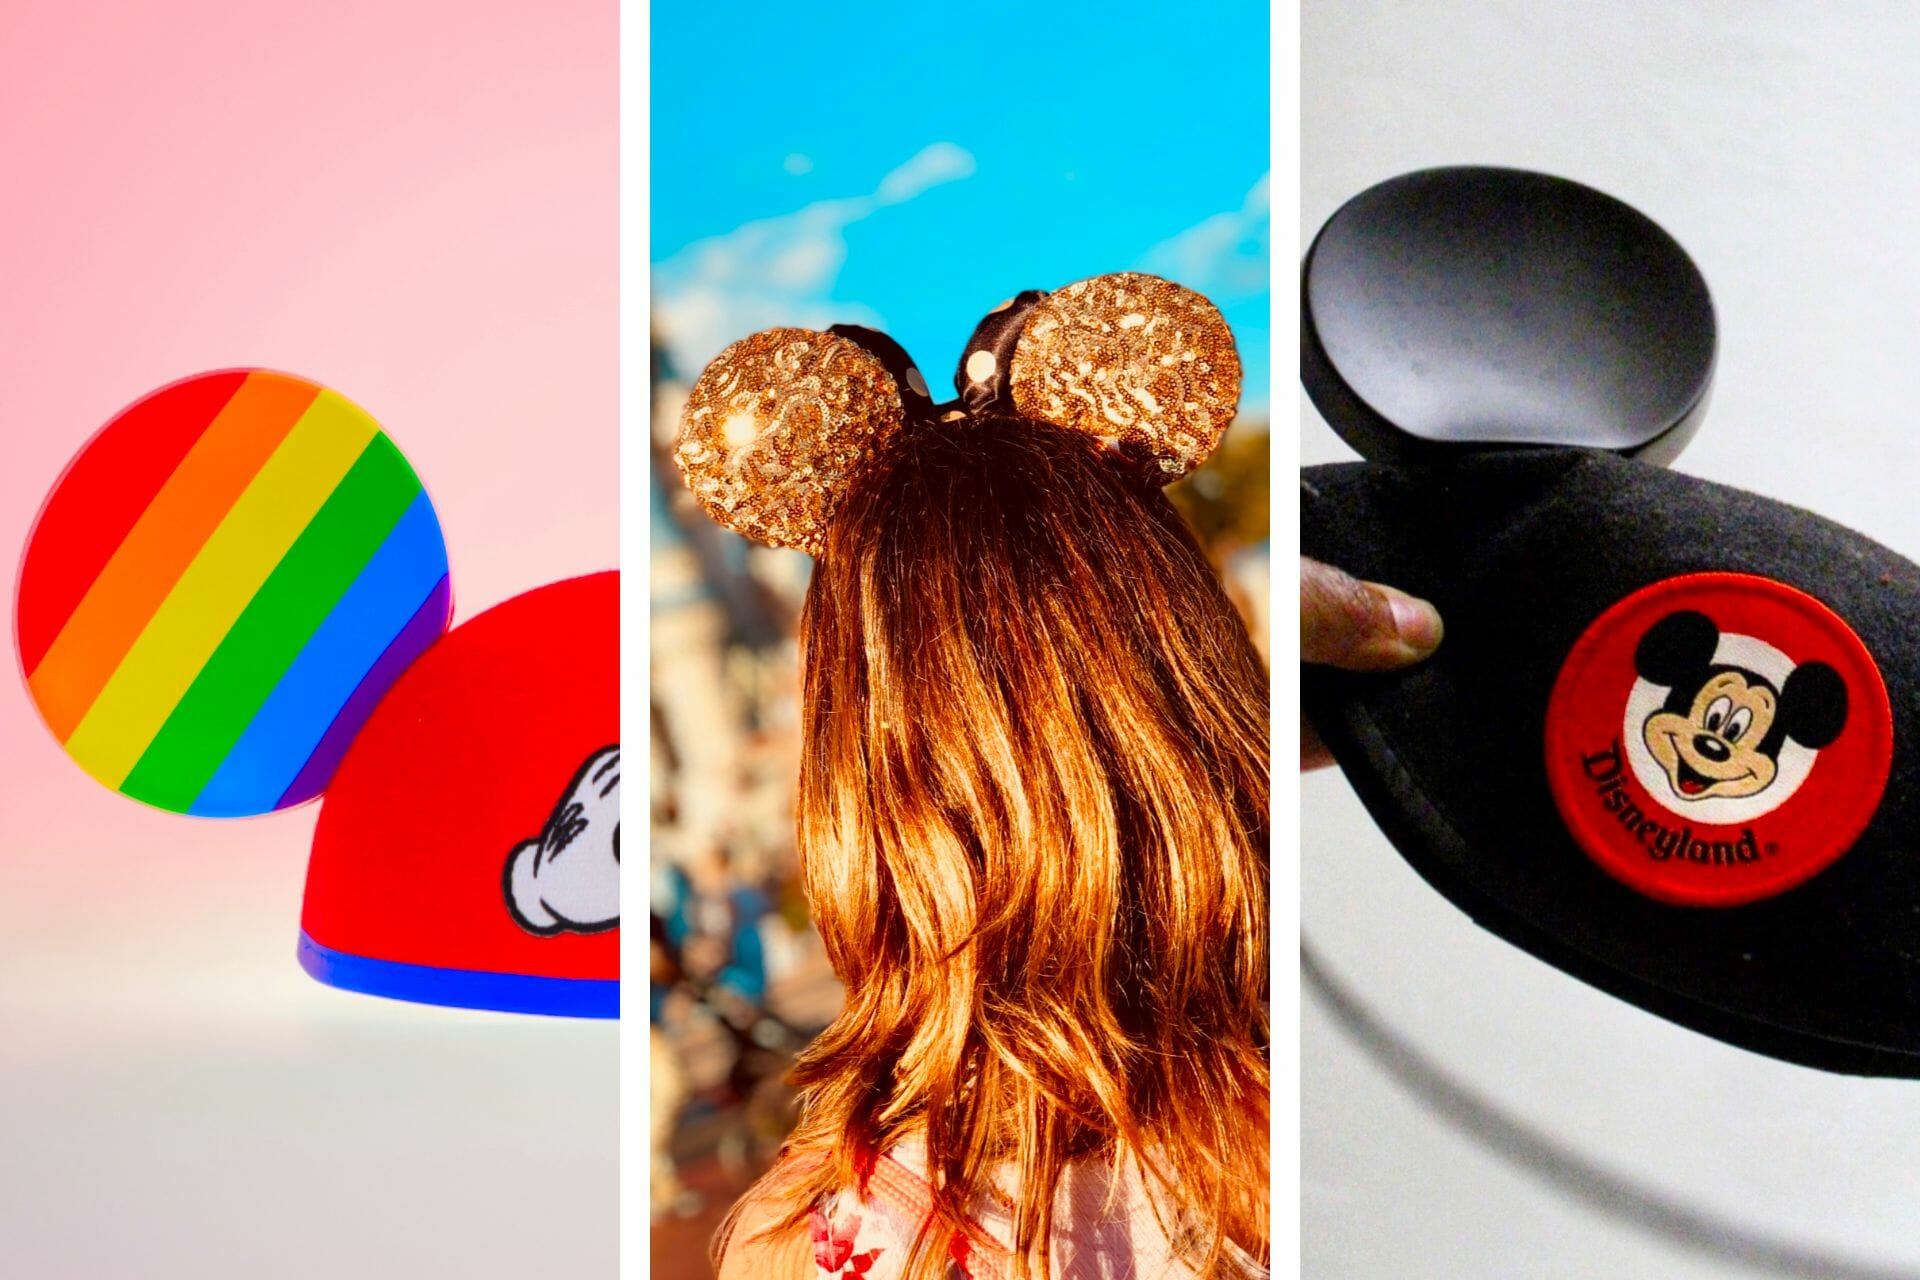 9+ Best Hats for Disney World: #1 Guide to Best Disney World Hats via @allamericanatlas